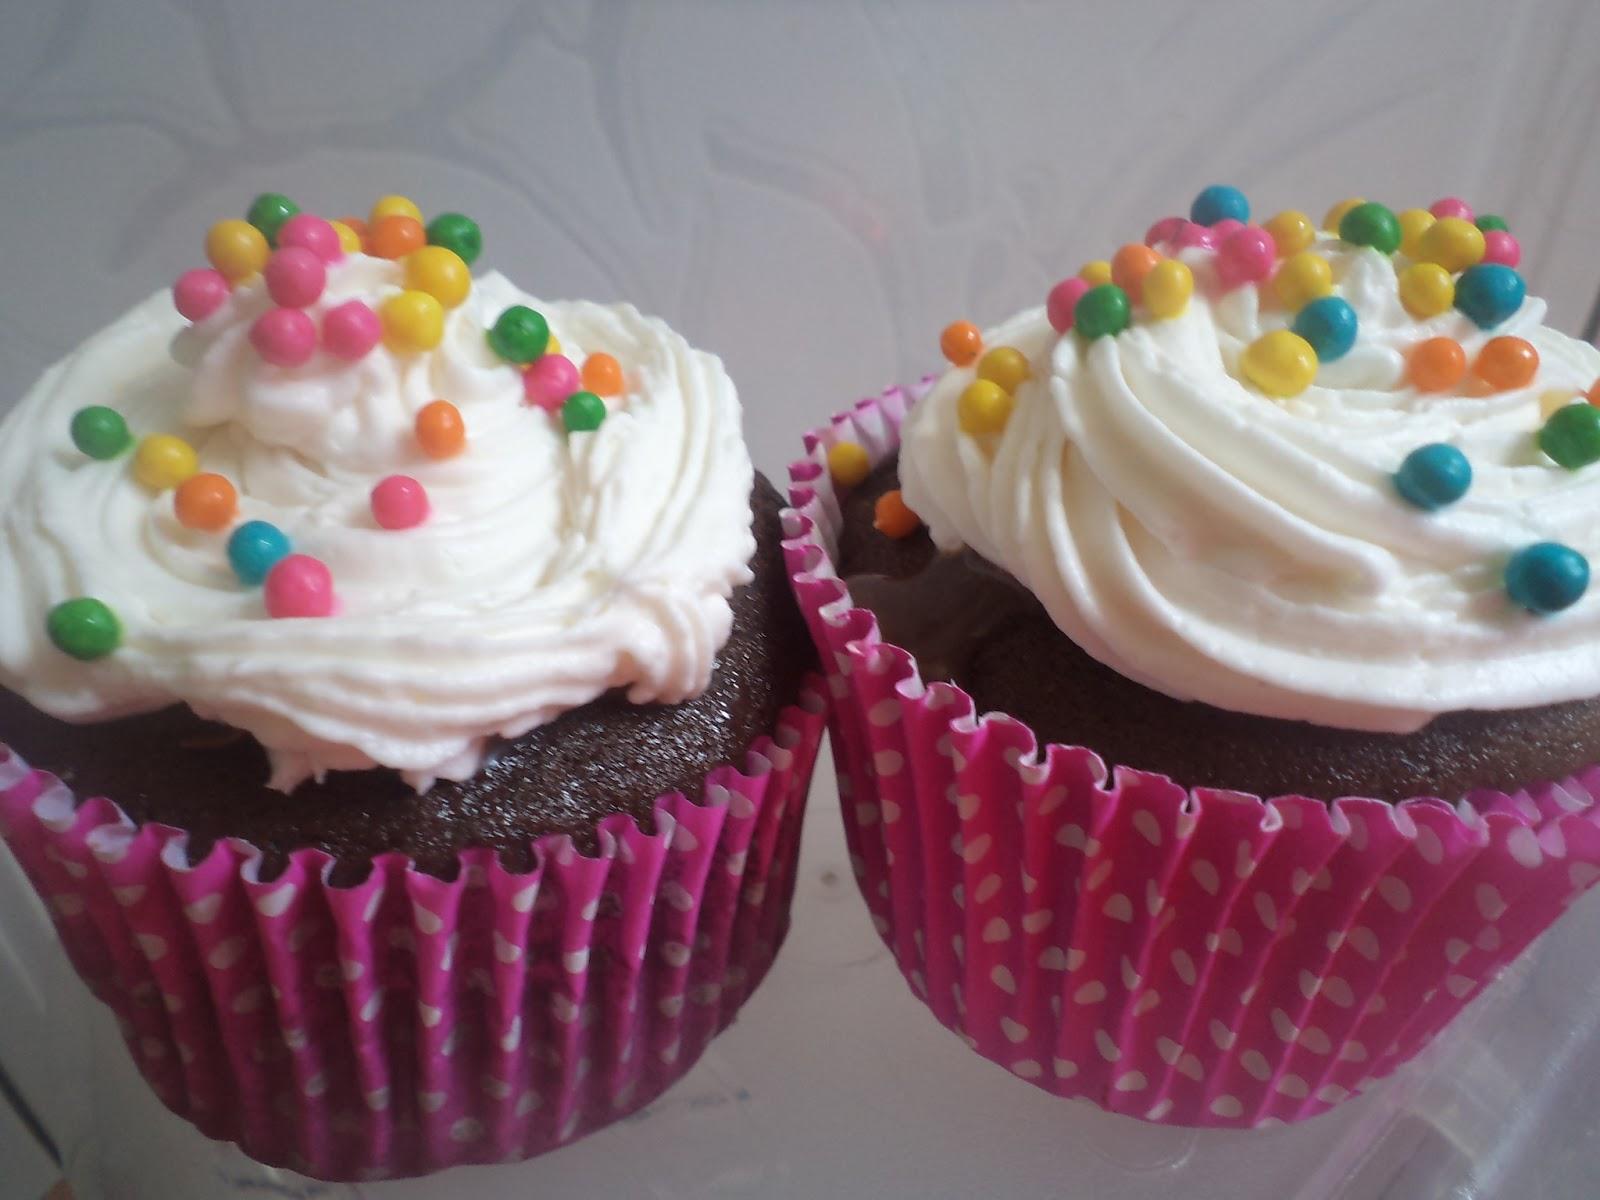 Suficiente Mundo do Sabor: Glacê de leite condensado para Bolos e cupcakes OW44